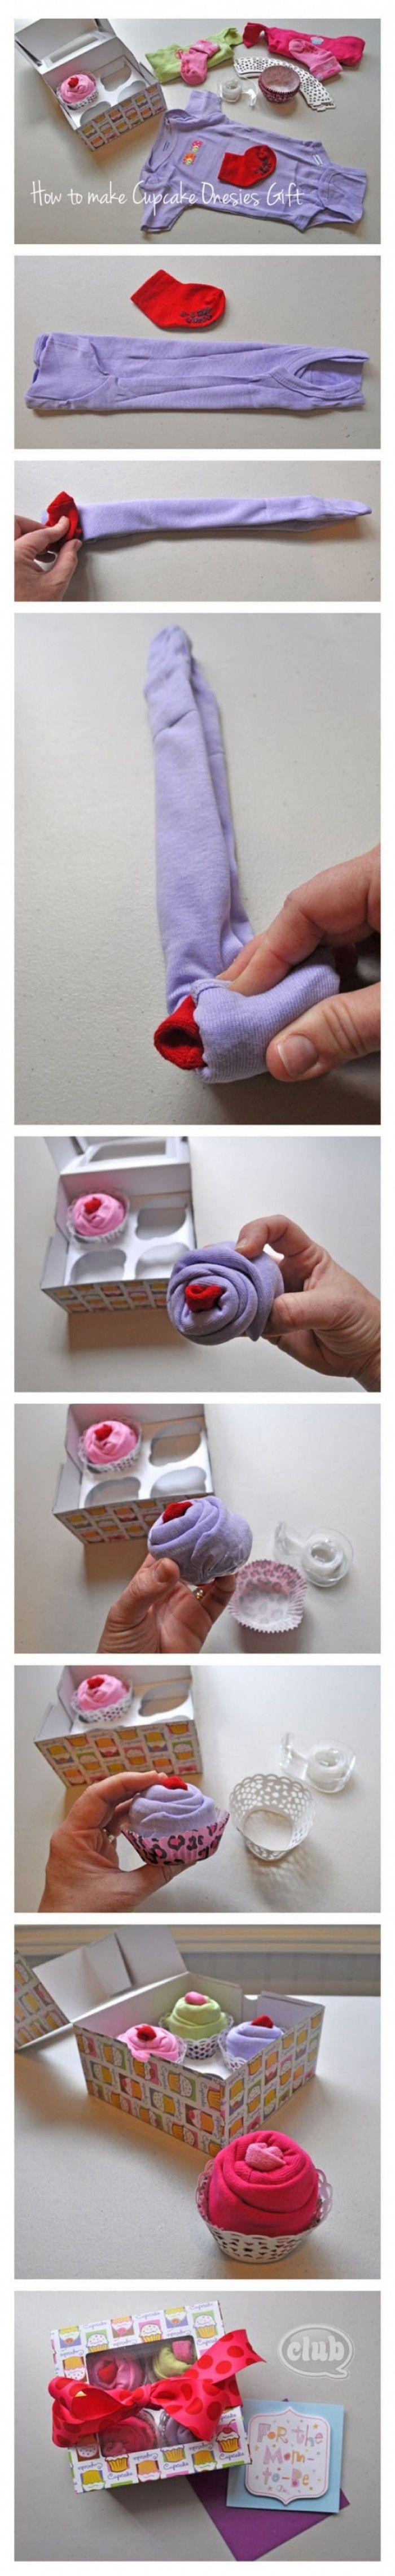 die 25 besten ideen zu geschenk geburt auf pinterest karte geburt gl ckwunschkarte geburt. Black Bedroom Furniture Sets. Home Design Ideas